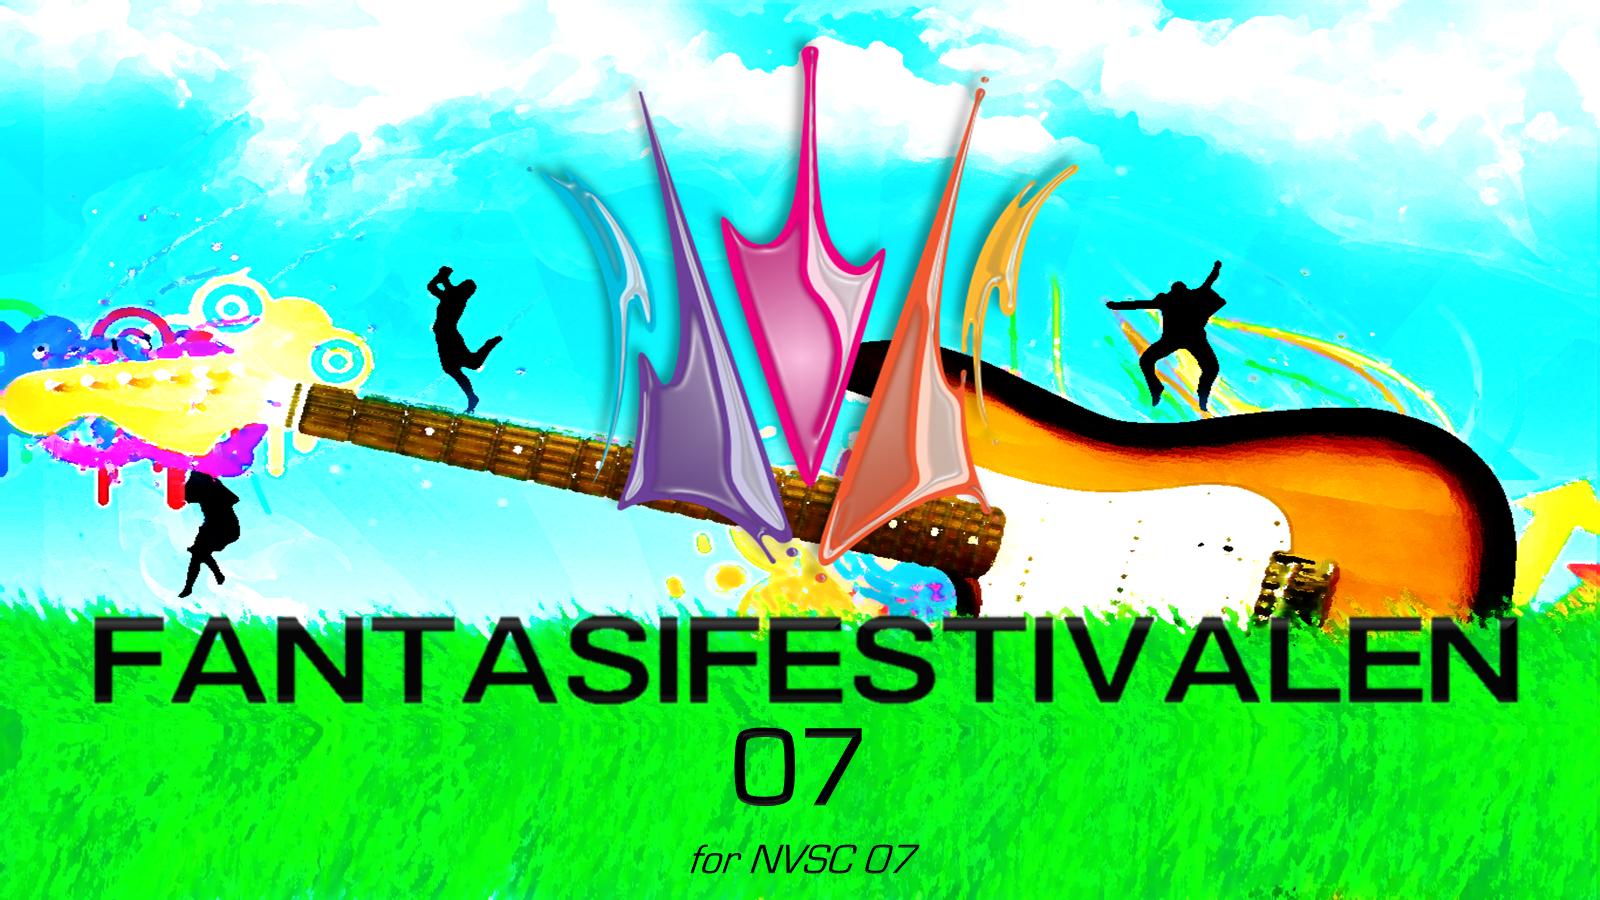 Fantasifestivalen 07